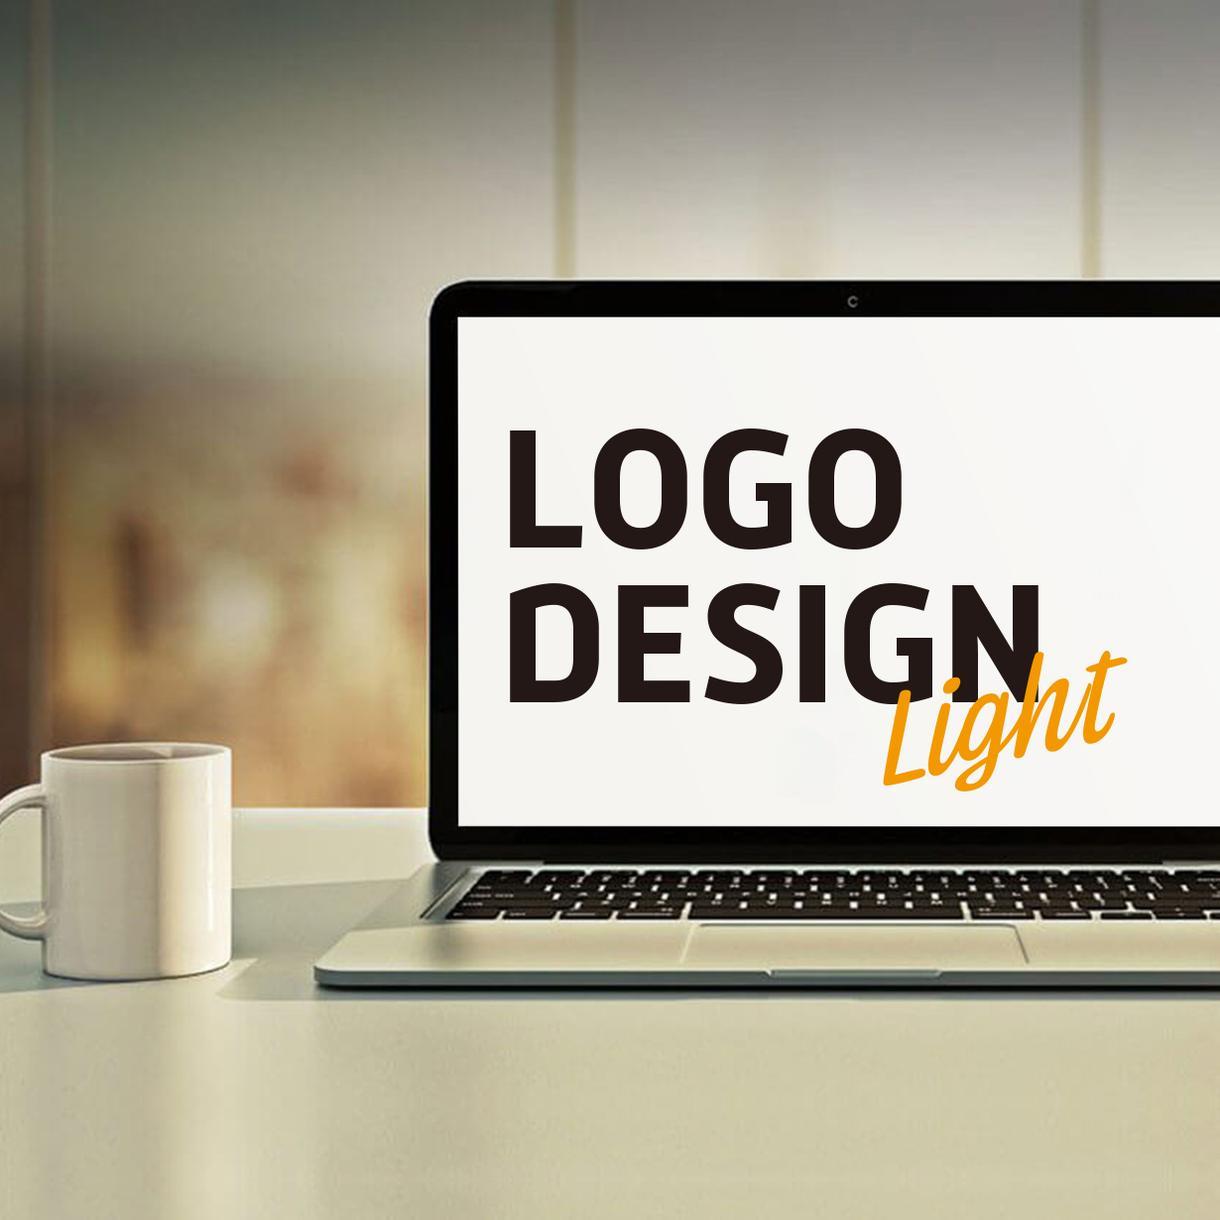 お客様の考えたイメージを最高のカタチに整えます イメージが固まっているお客様には時間も費用もお得です!